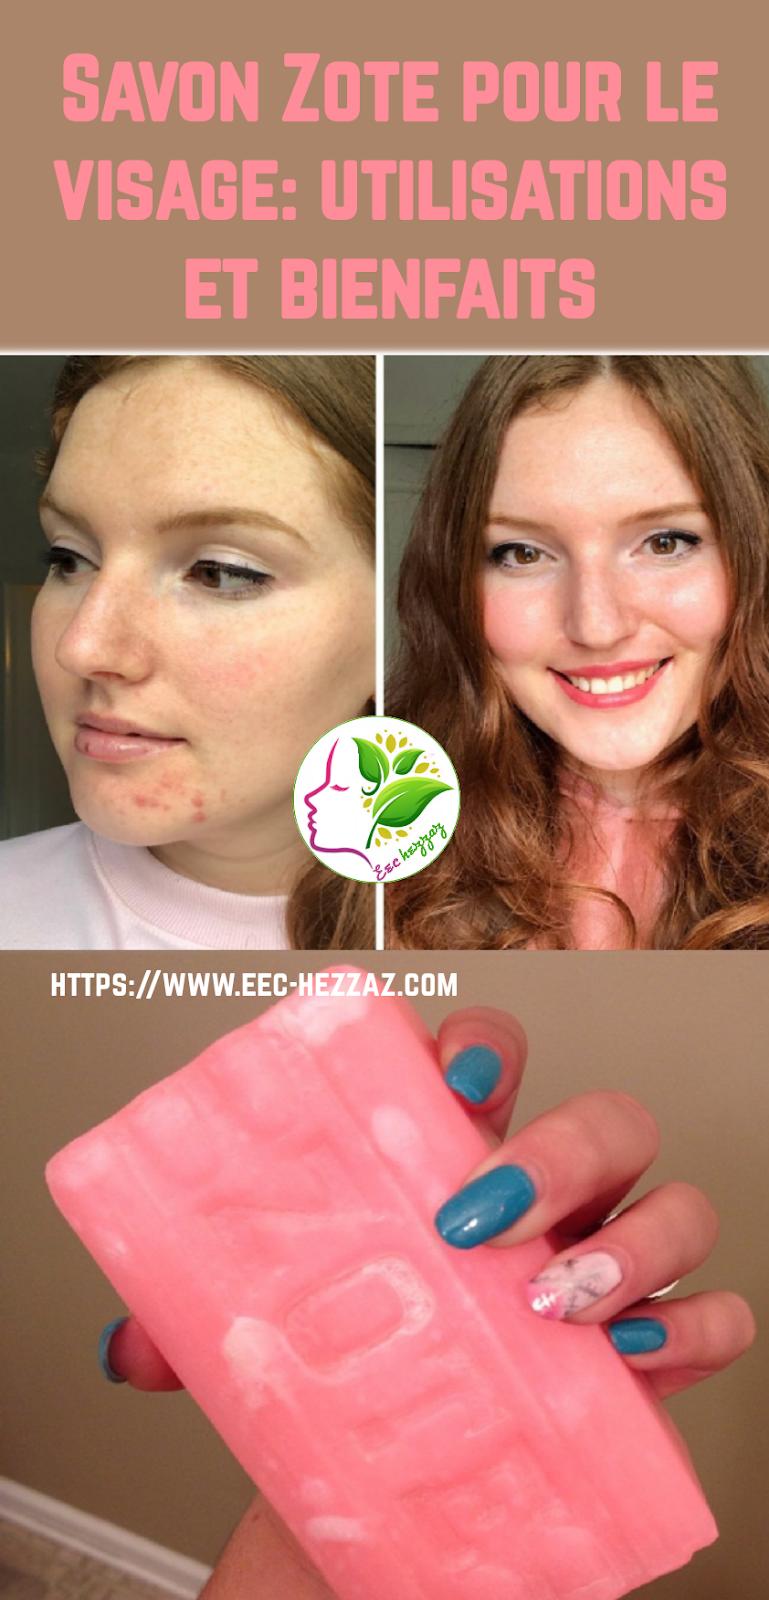 Savon Zote pour le visage: utilisations et bienfaits